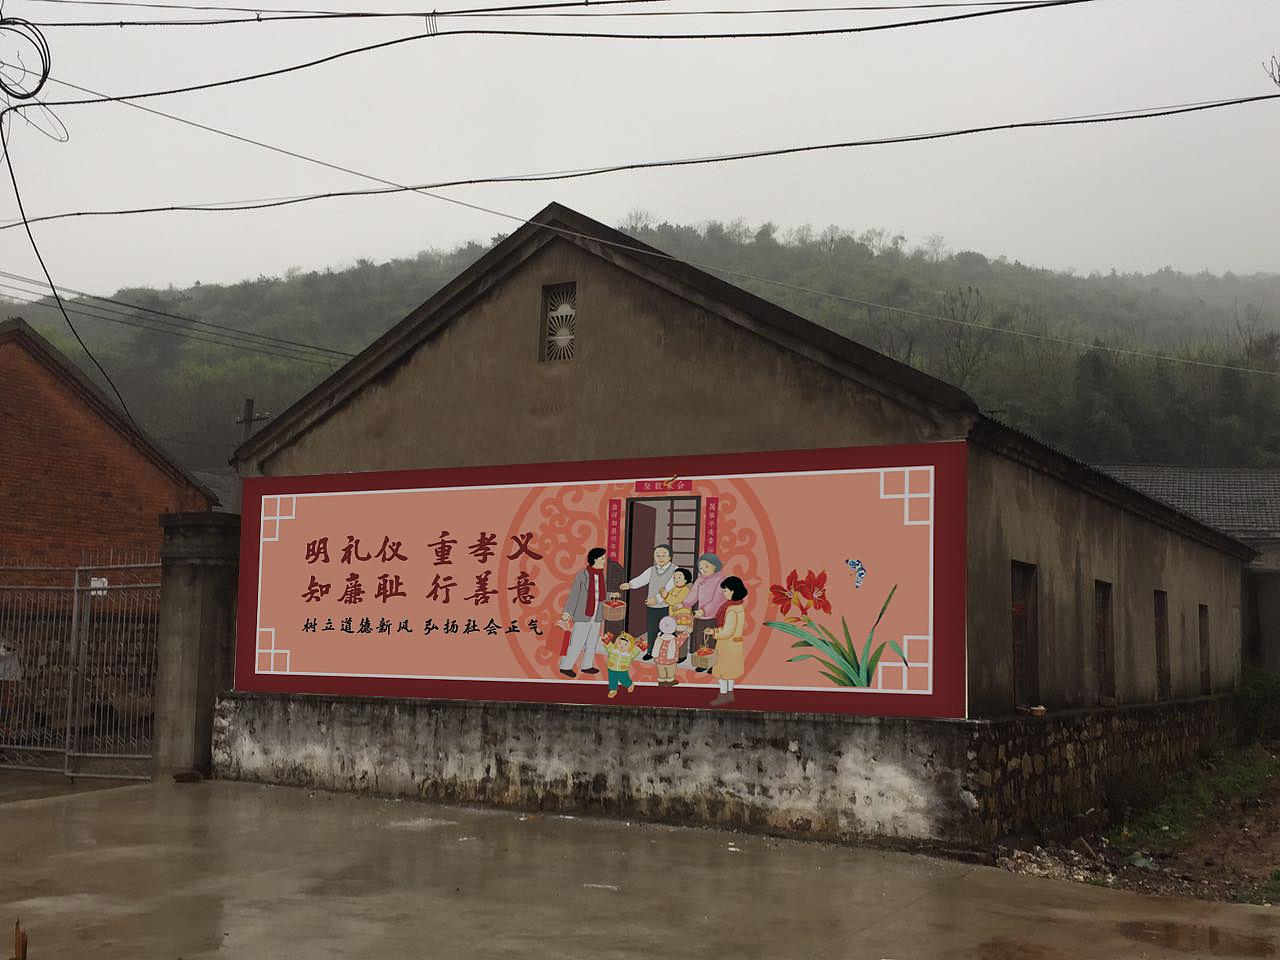 社区文化墙,乡镇文化墙绘,新农村墙体彩绘